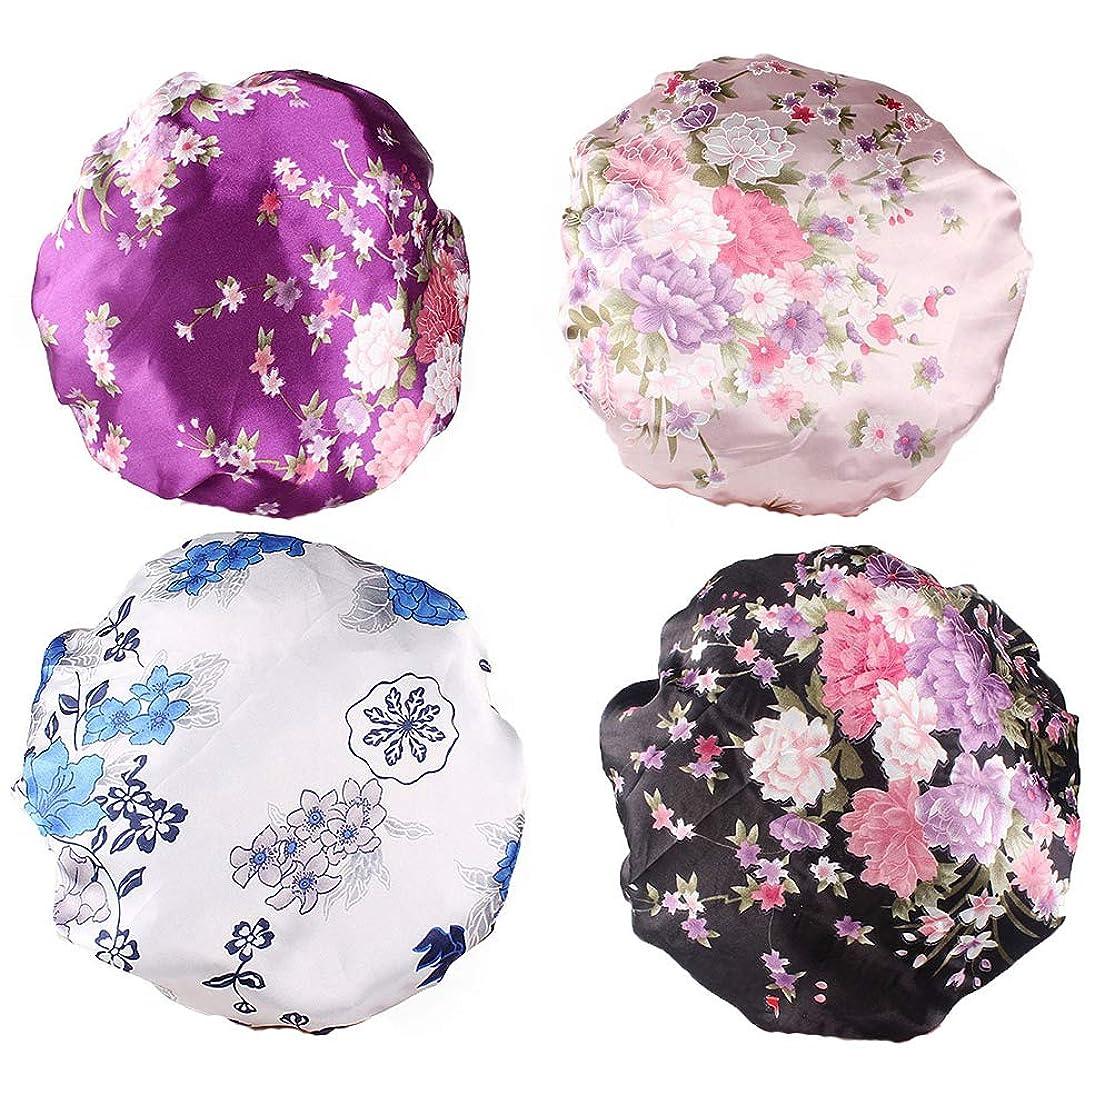 自宅でハロウィンベギンBeaupretty 4本の女性の絹のようなサテンの睡眠の帽子プレミアムゴムバンド付きサテンの睡眠の帽子女性の女の子のためのナイトキャップサロンボンネット抜け毛の帽子(紫色+黒+白+ピンク)